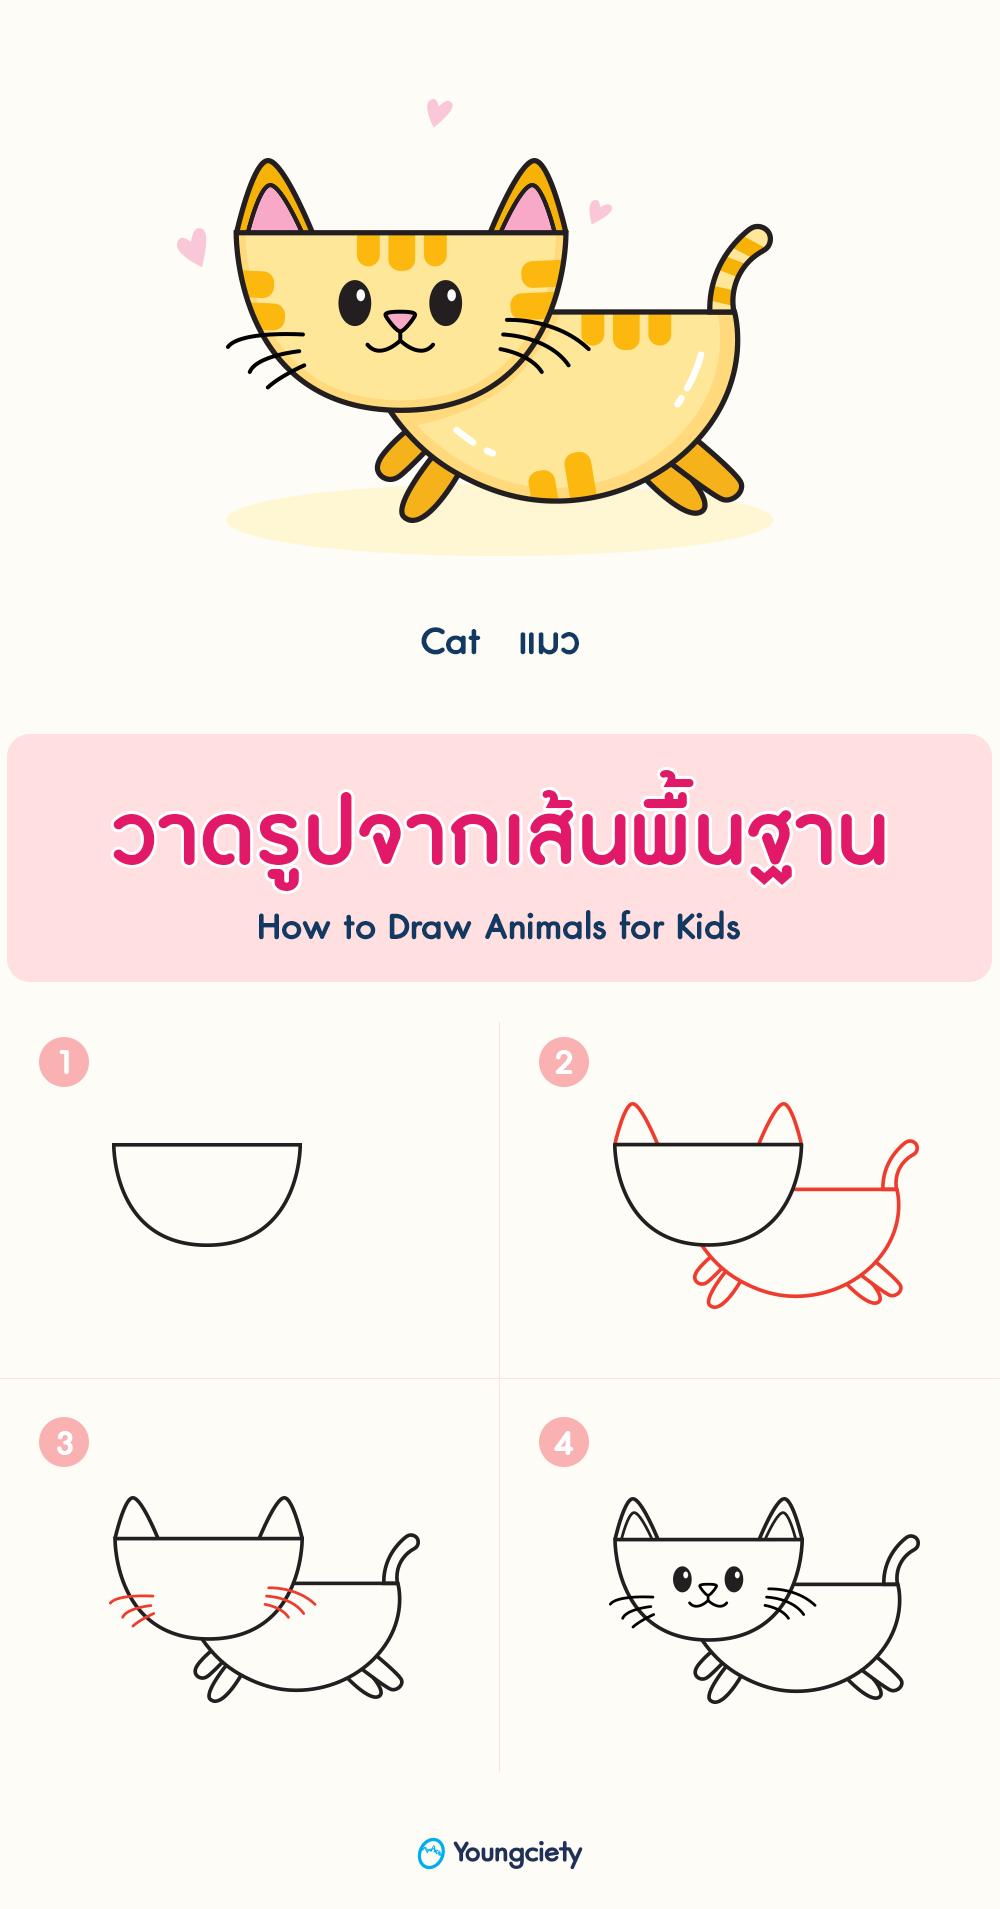 สอนวาดร ปแมวง าย ๆ How To Draw A Cat สอนวาดร ป สอนศ ลปะ ส ตว